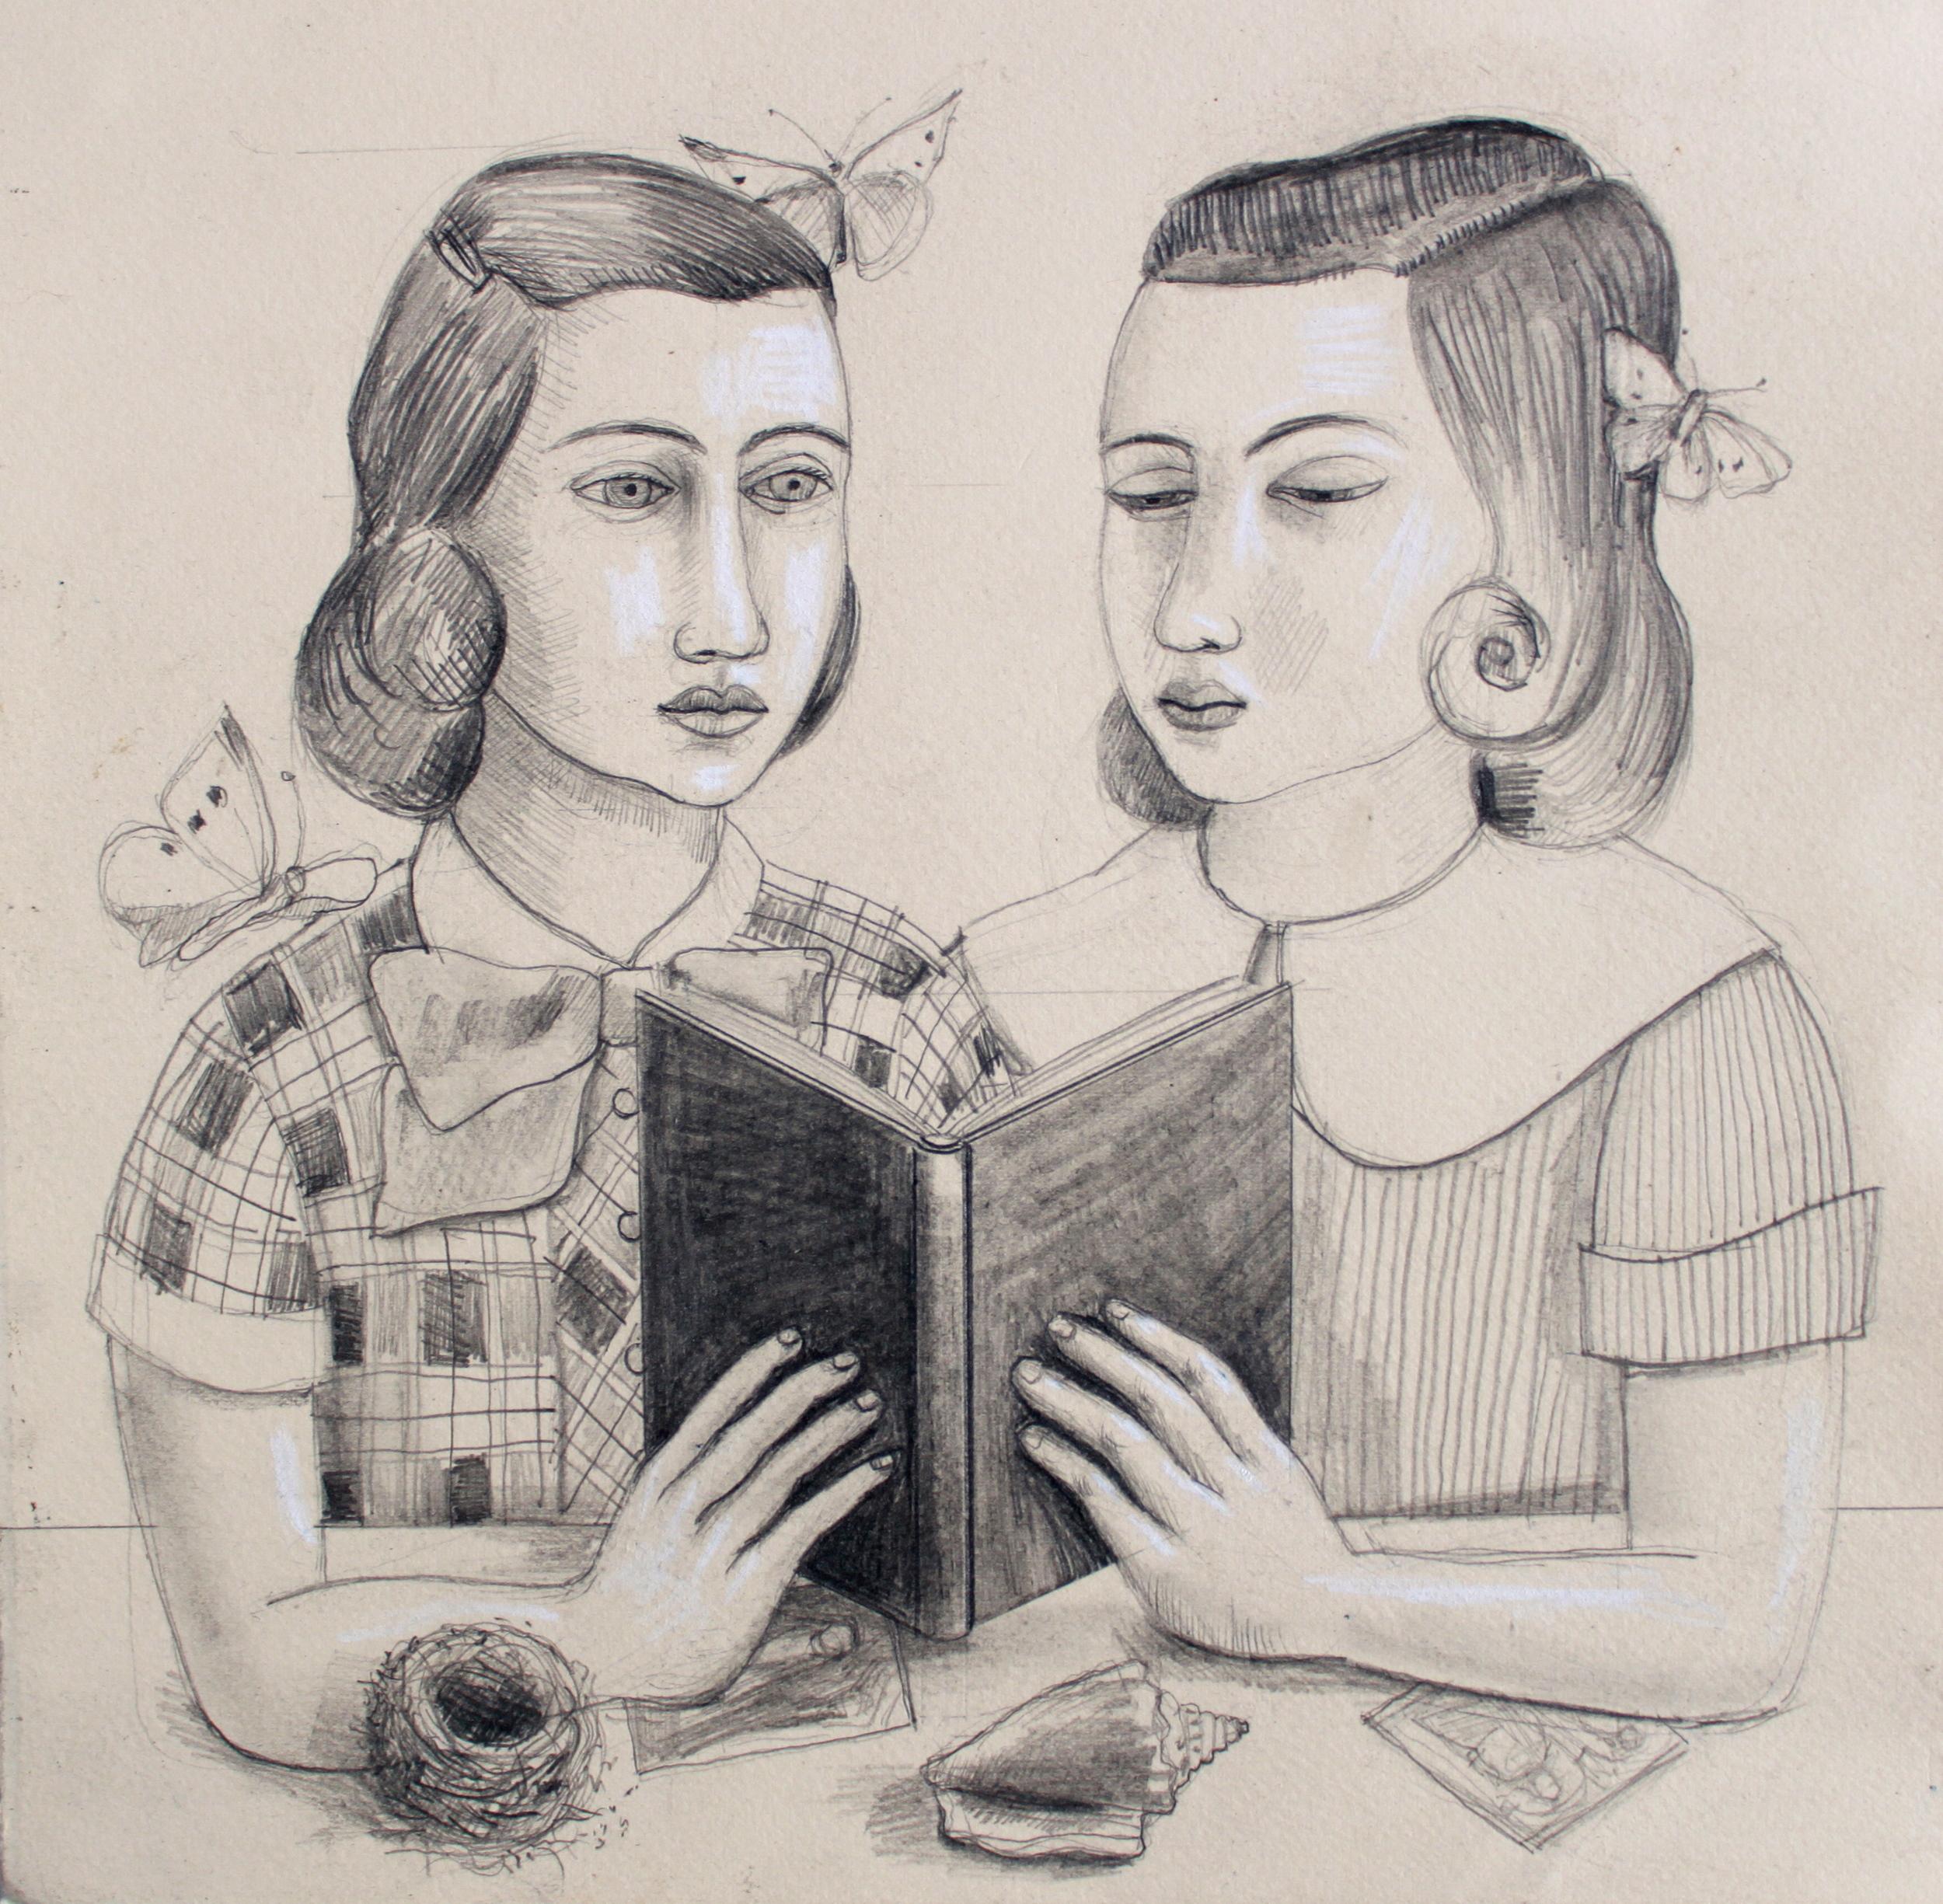 Girls sharing a book drawing, Rick Beerhorst